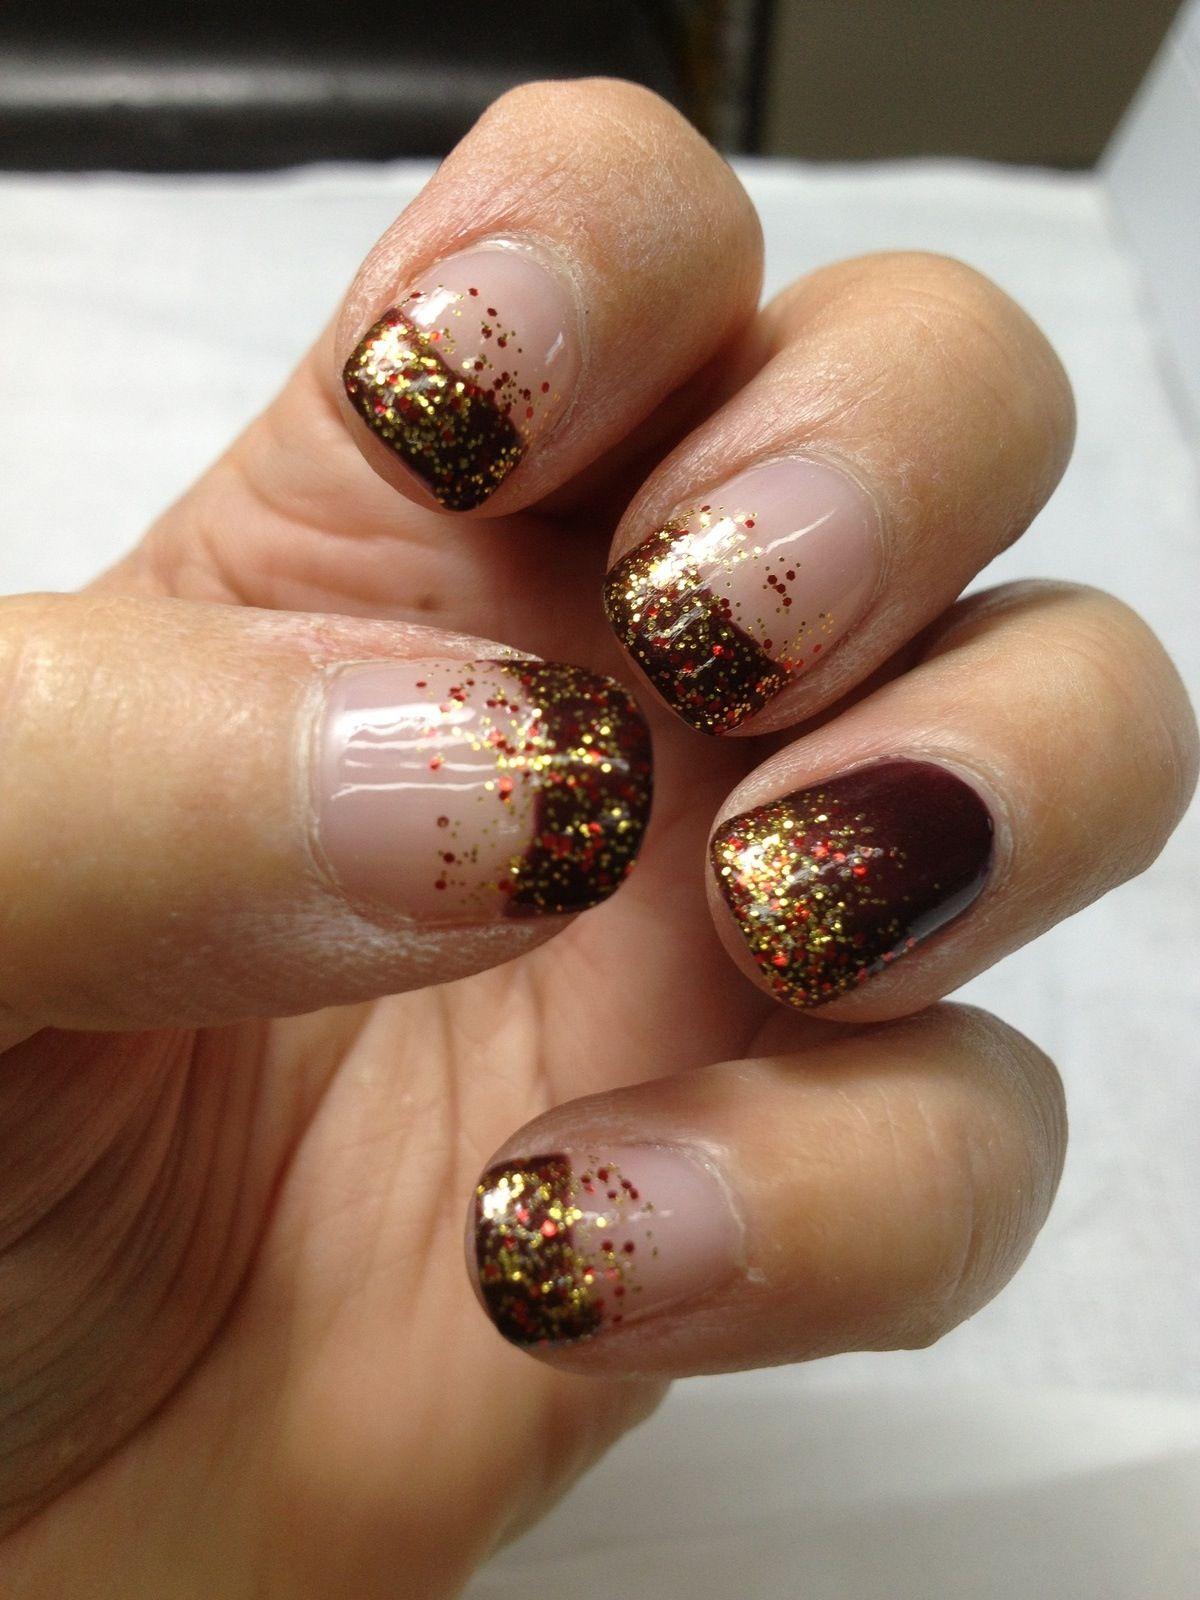 Cute ☺ | Autumn nails, Fall nail designs, Fall nail art ...